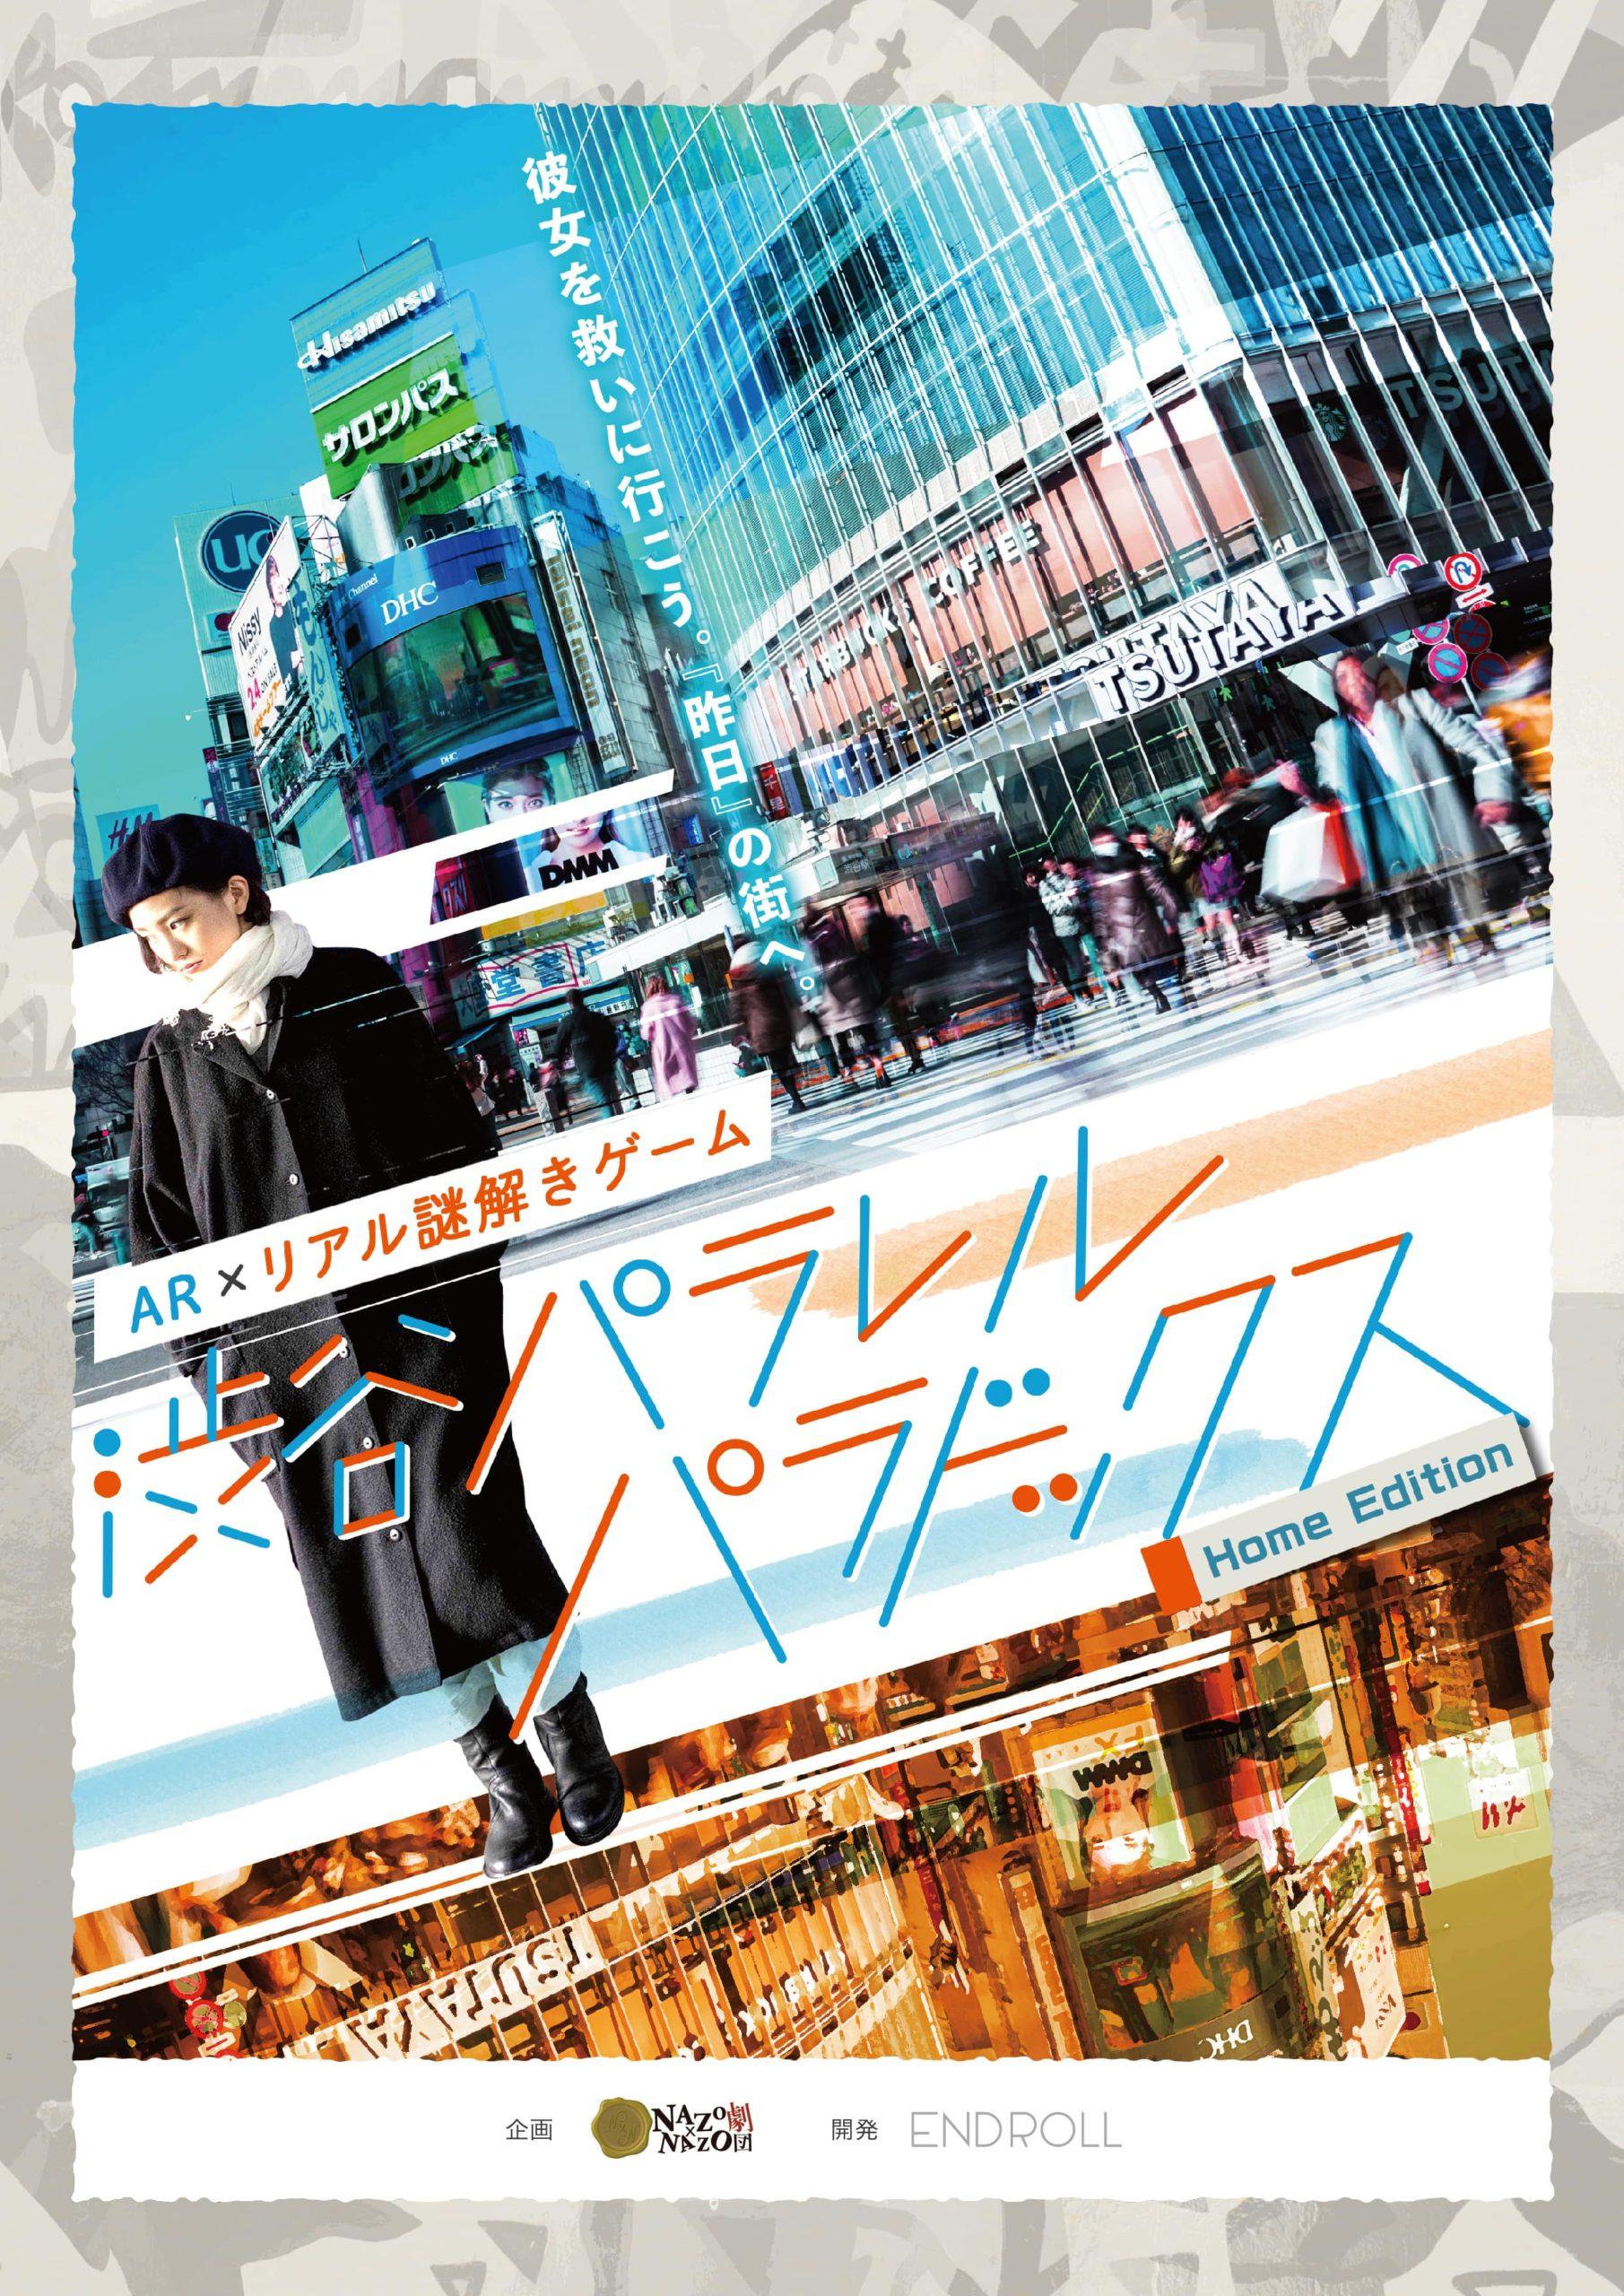 渋谷パラレルパラドックス Home Edition